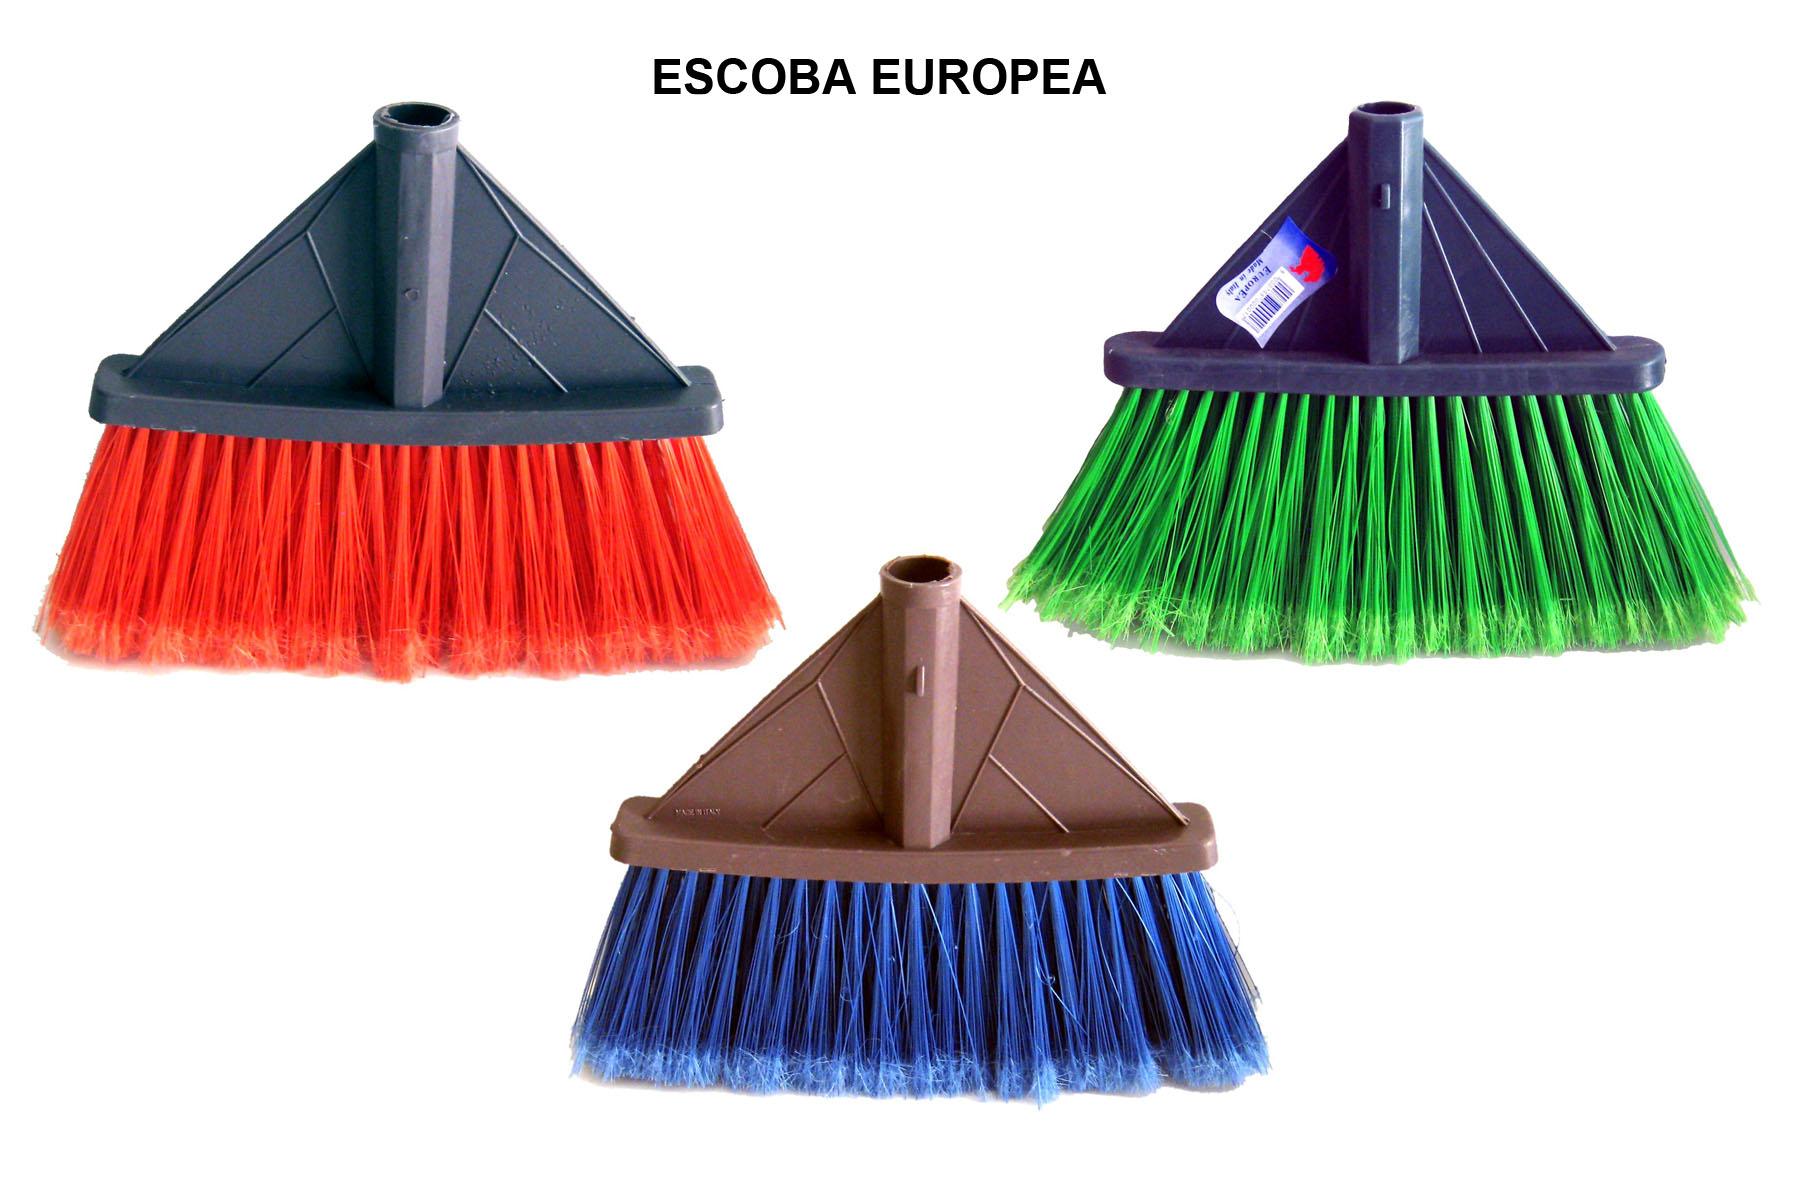 ESCOBA EUROPEA